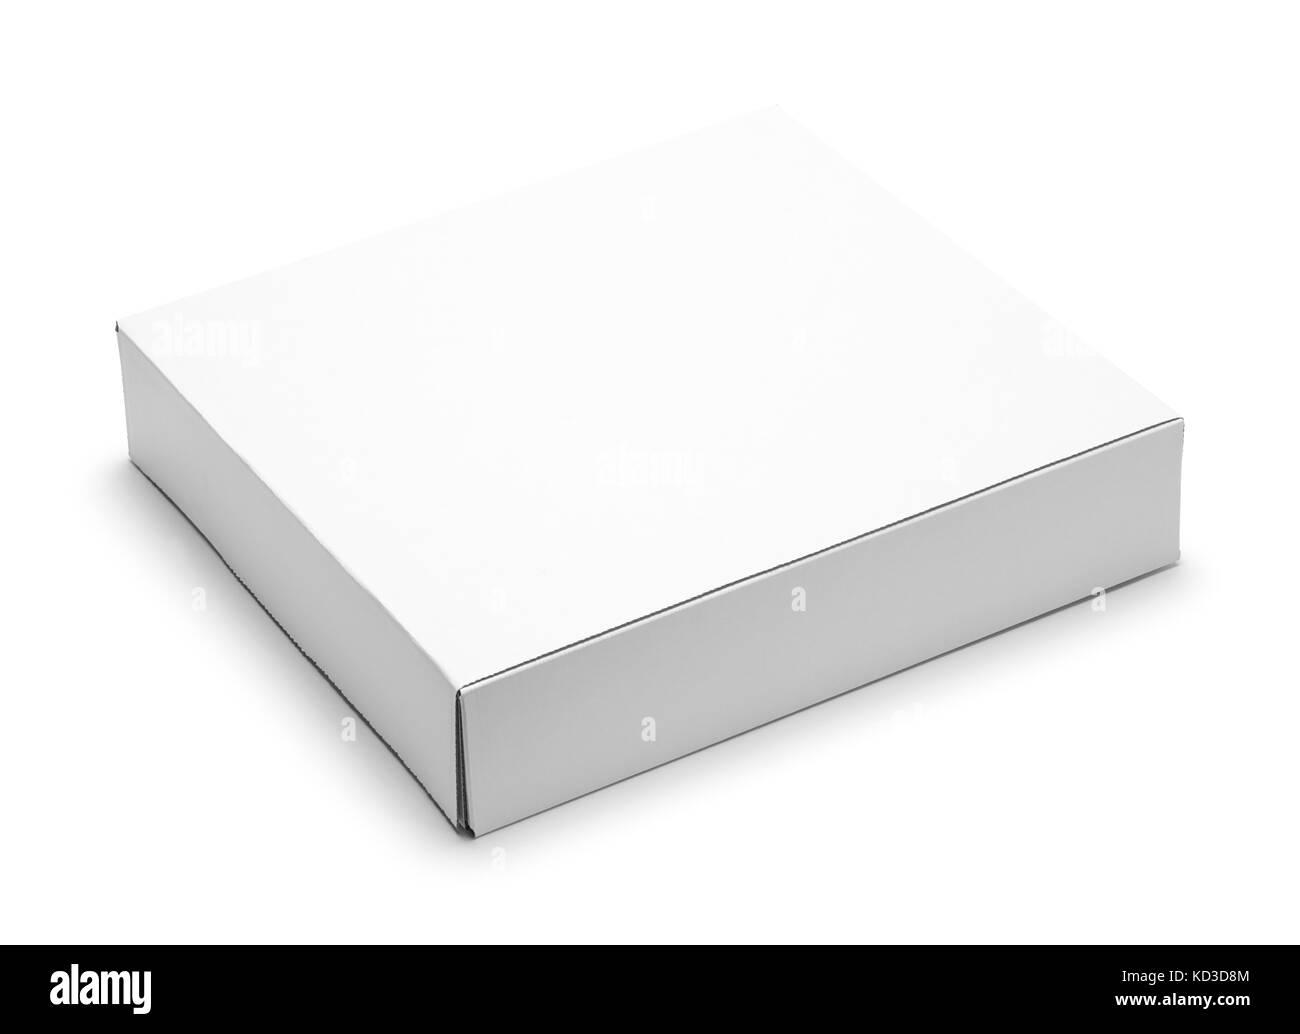 Flat White Cardboard Box Isolated on White Background. - Stock Image